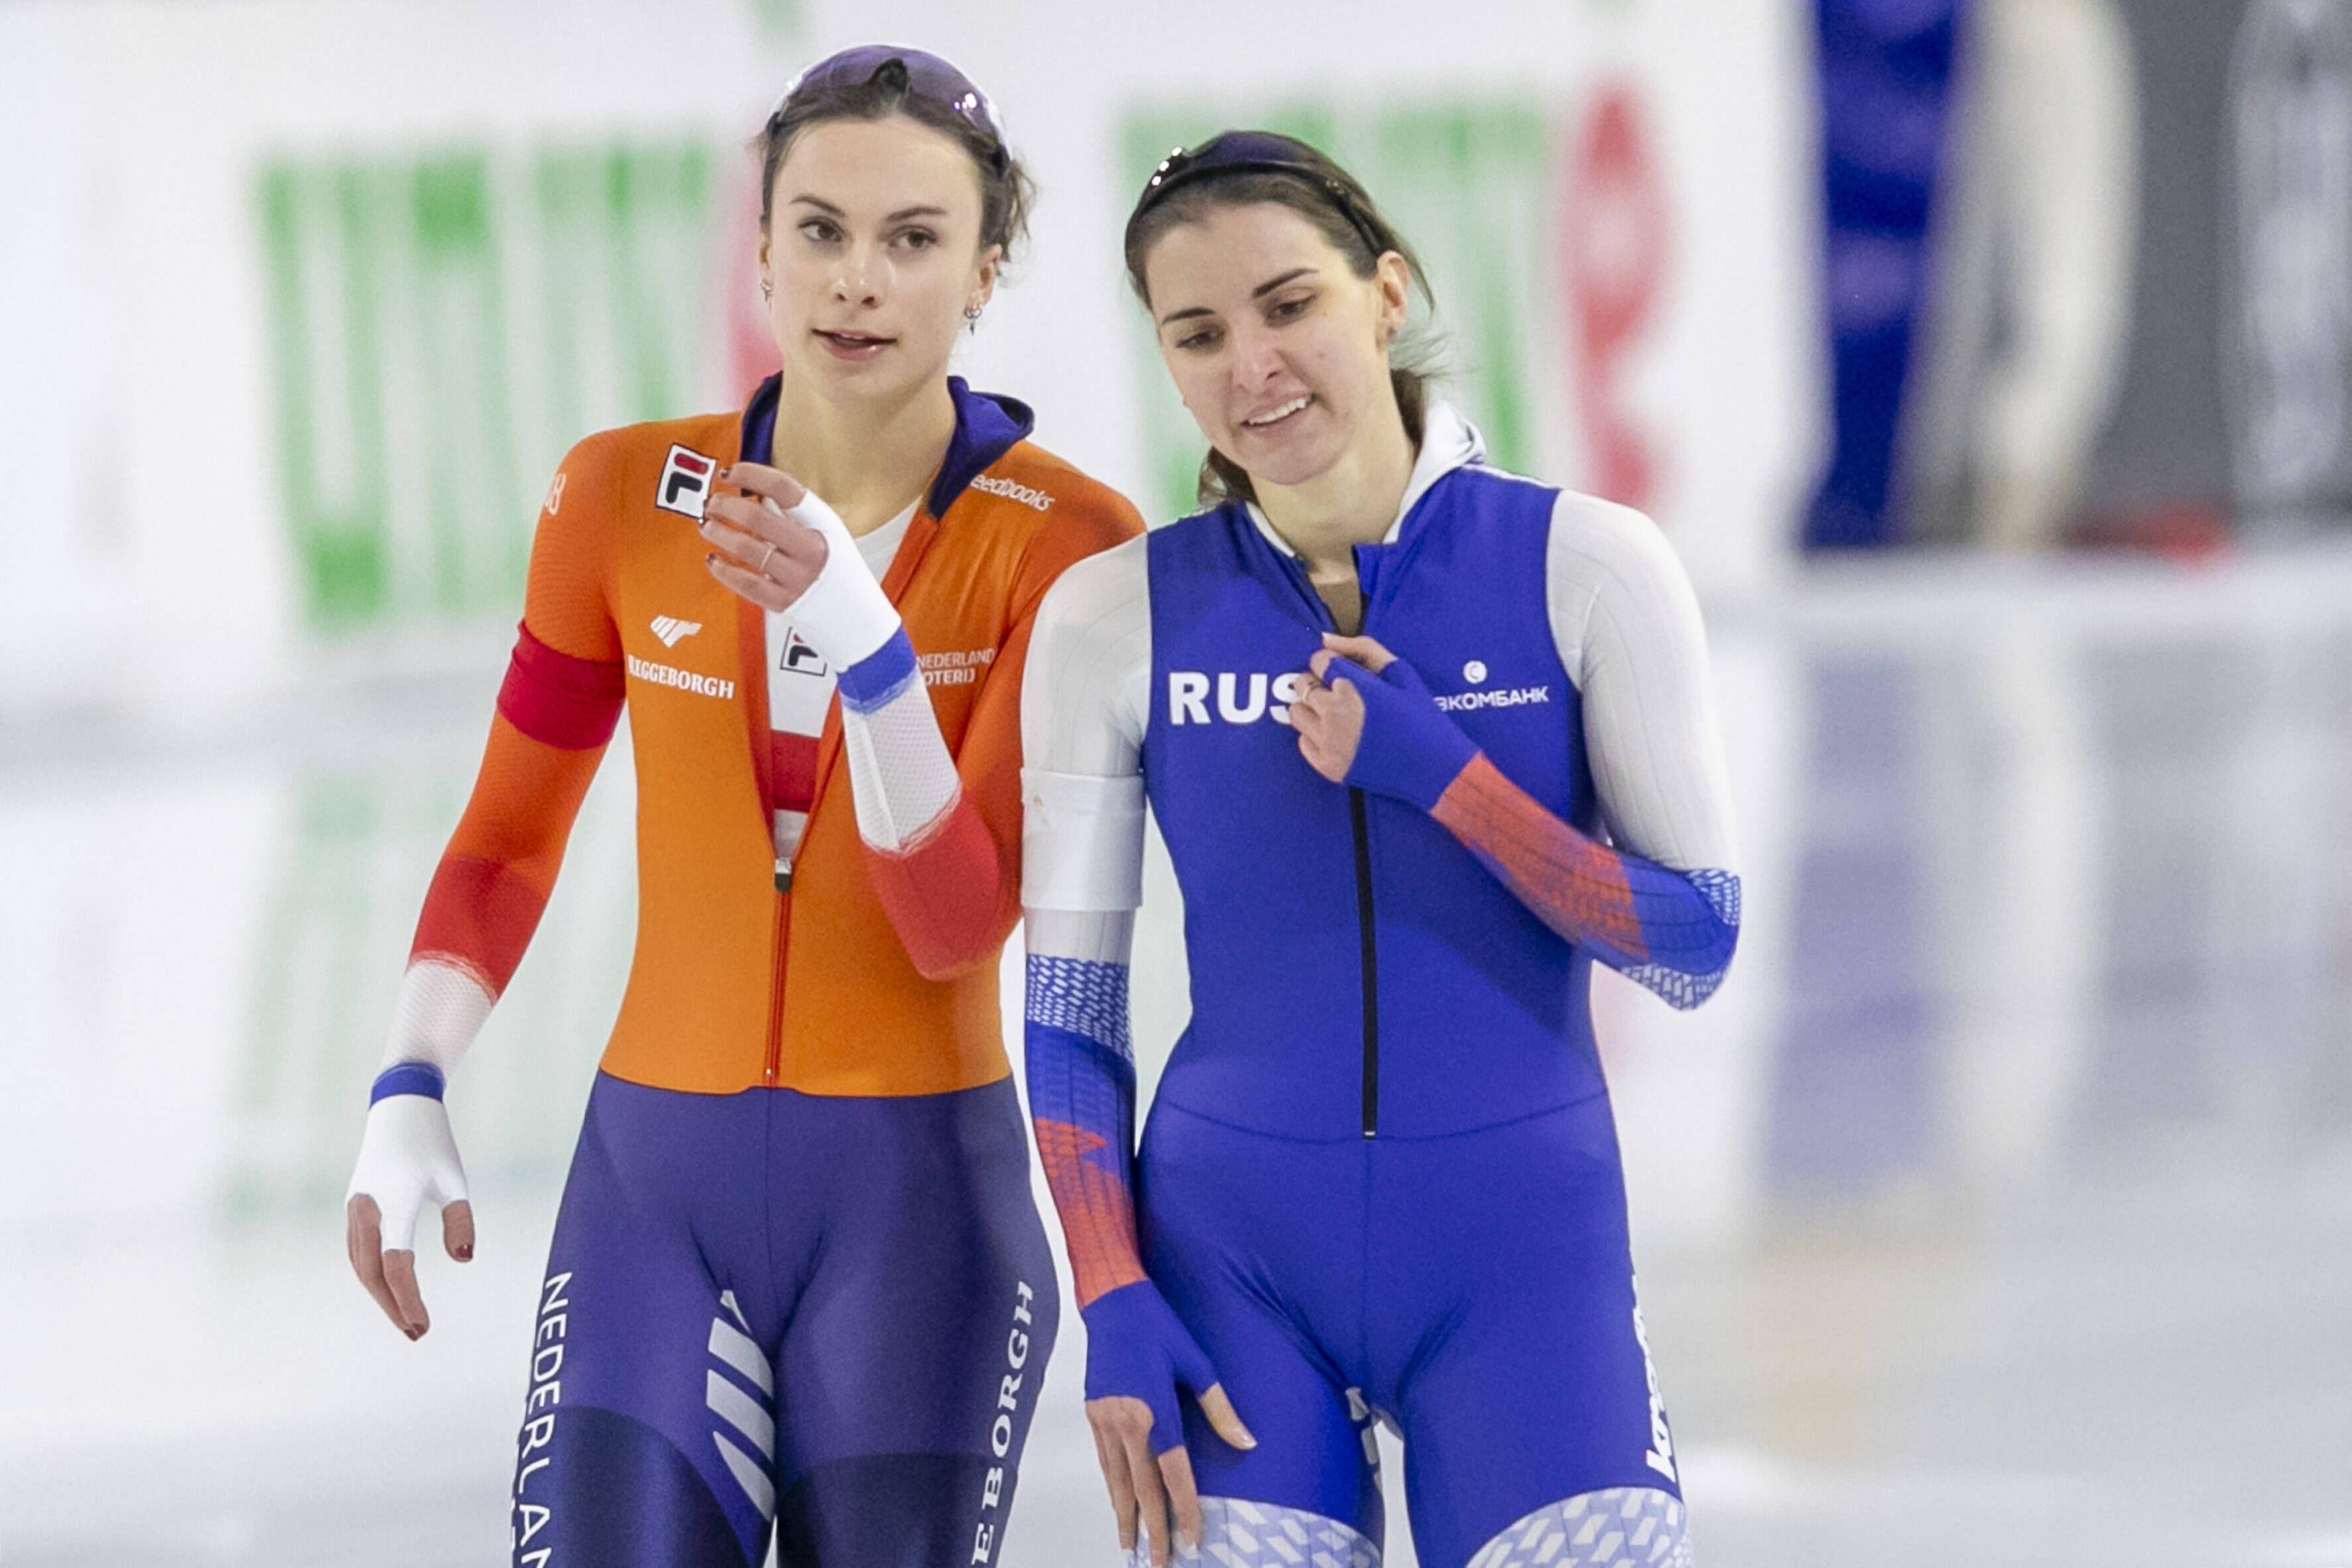 Момент дня: в честь победы россиянок на ЧМ-2021 по конькобежному спорту прозвучал фрагмент концерта Чайковского. ВИДЕО